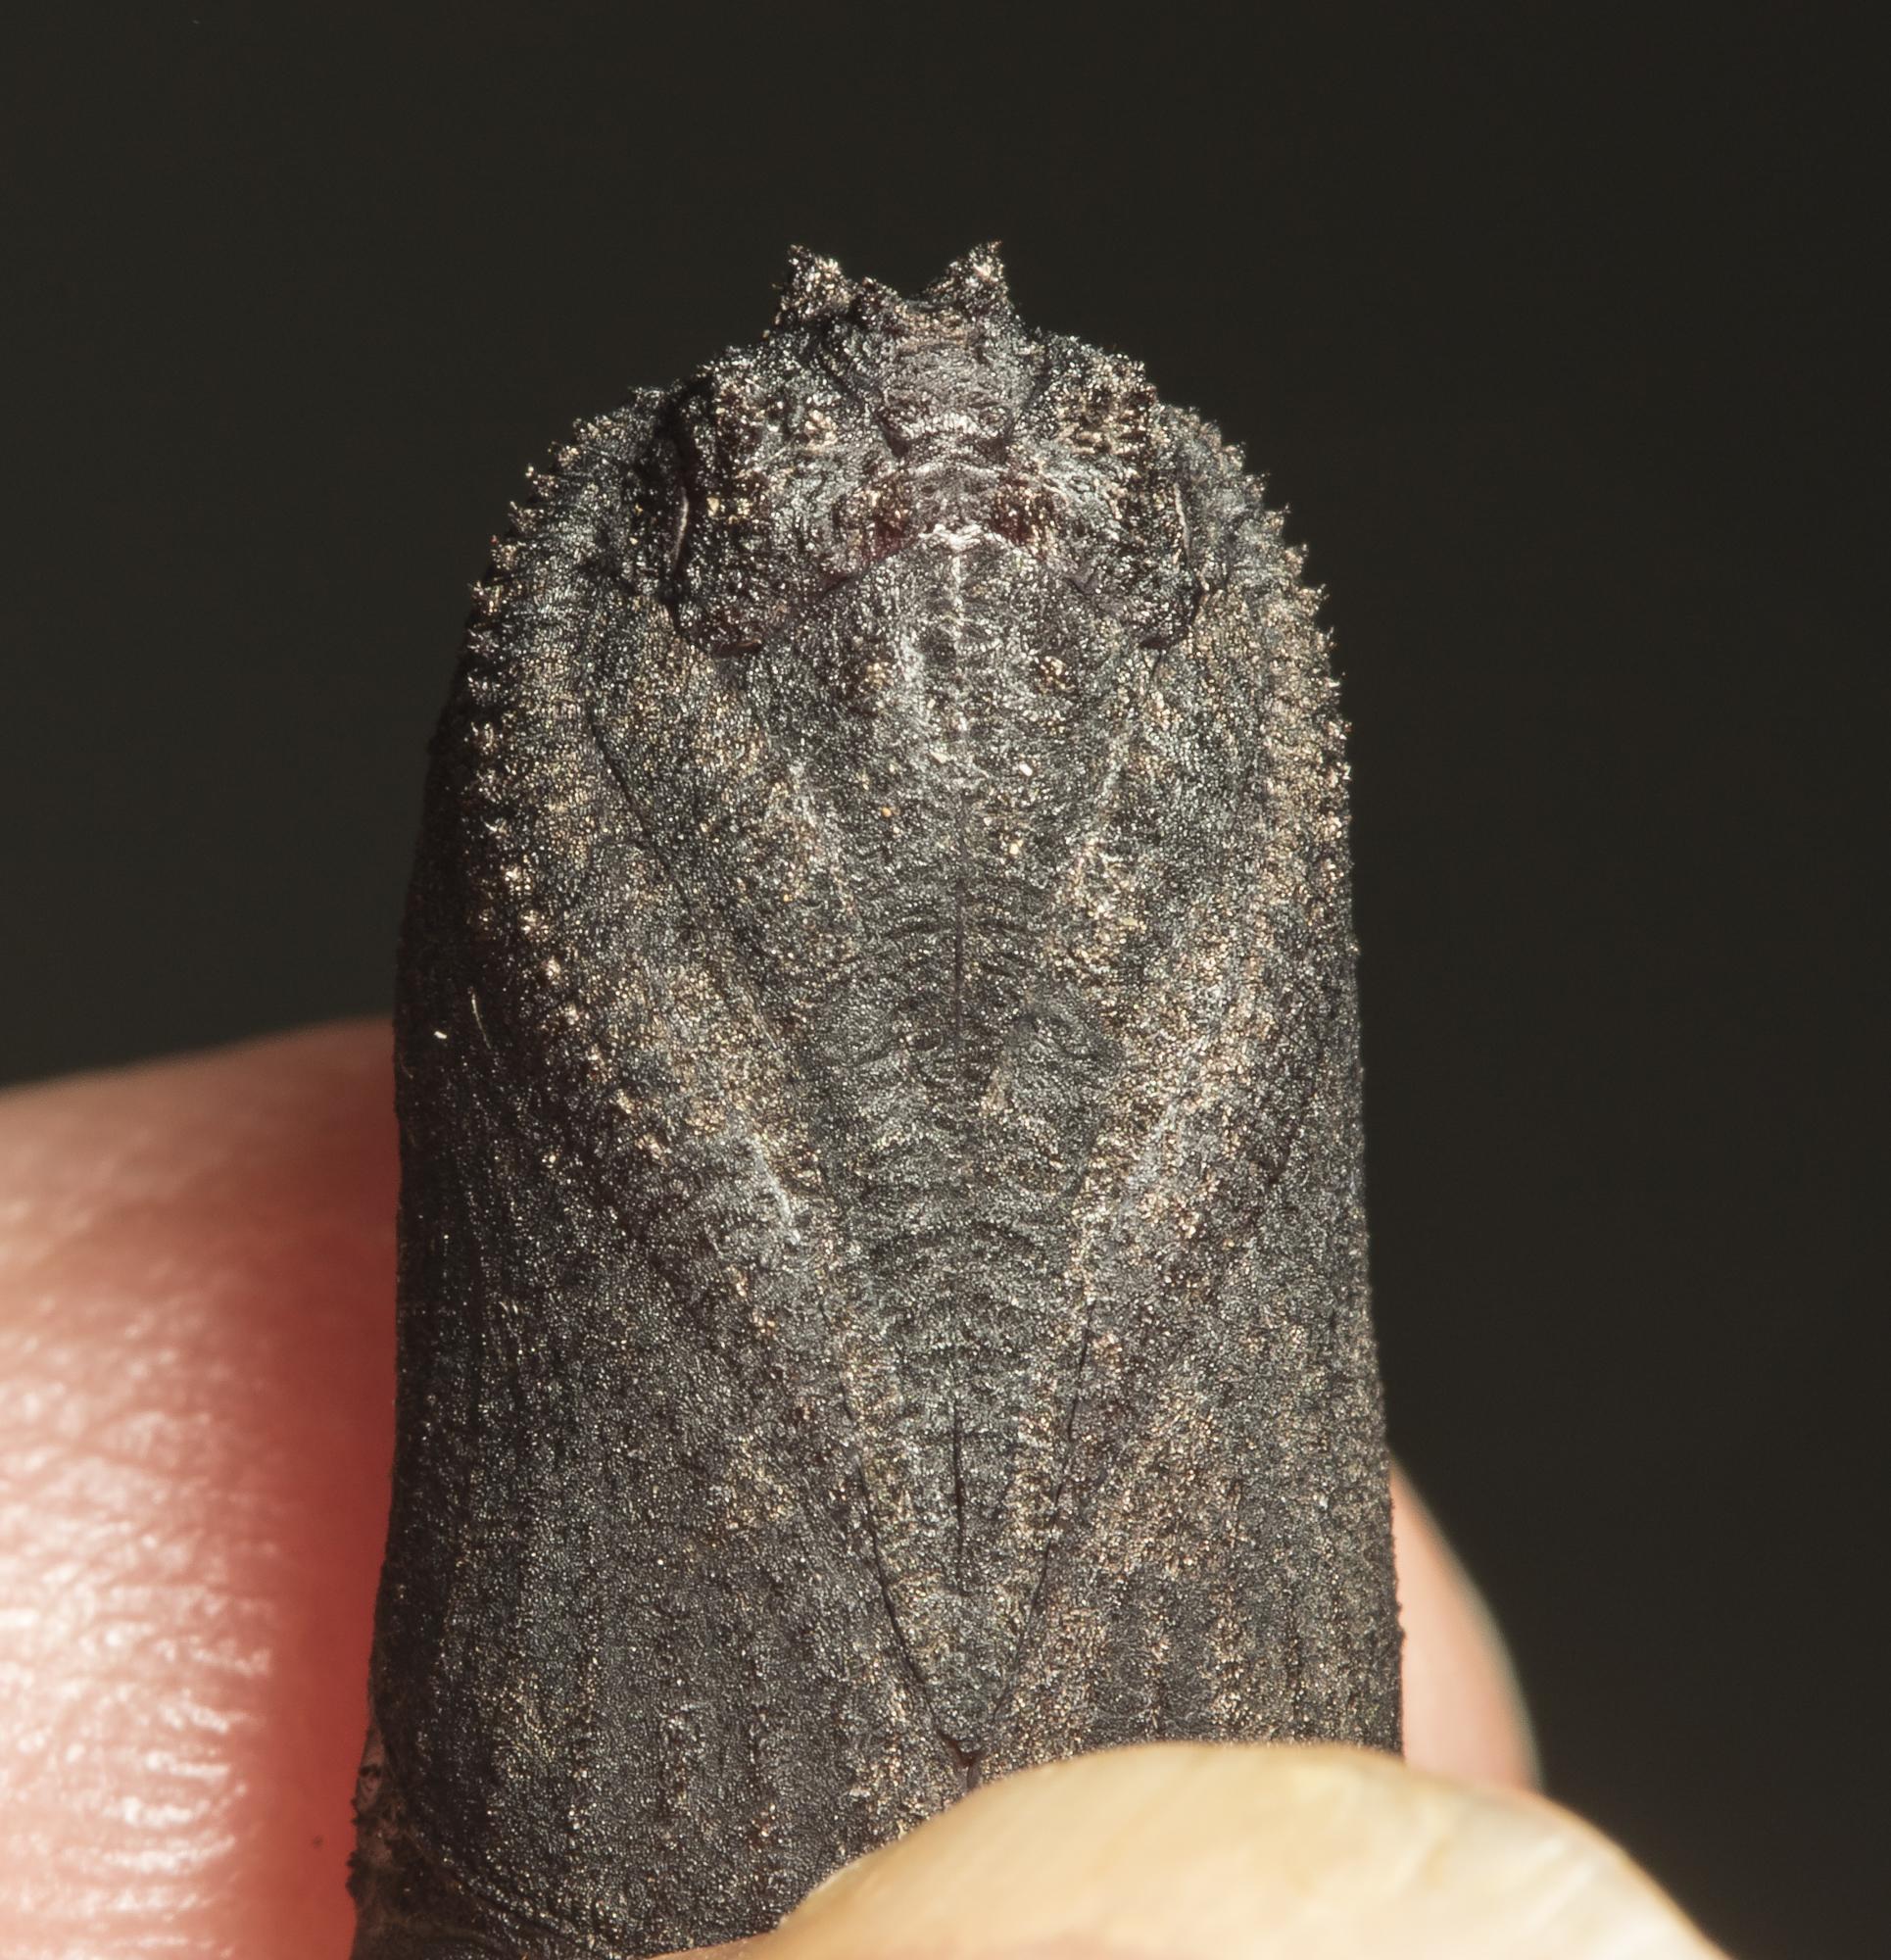 Walnut sphinx pupa